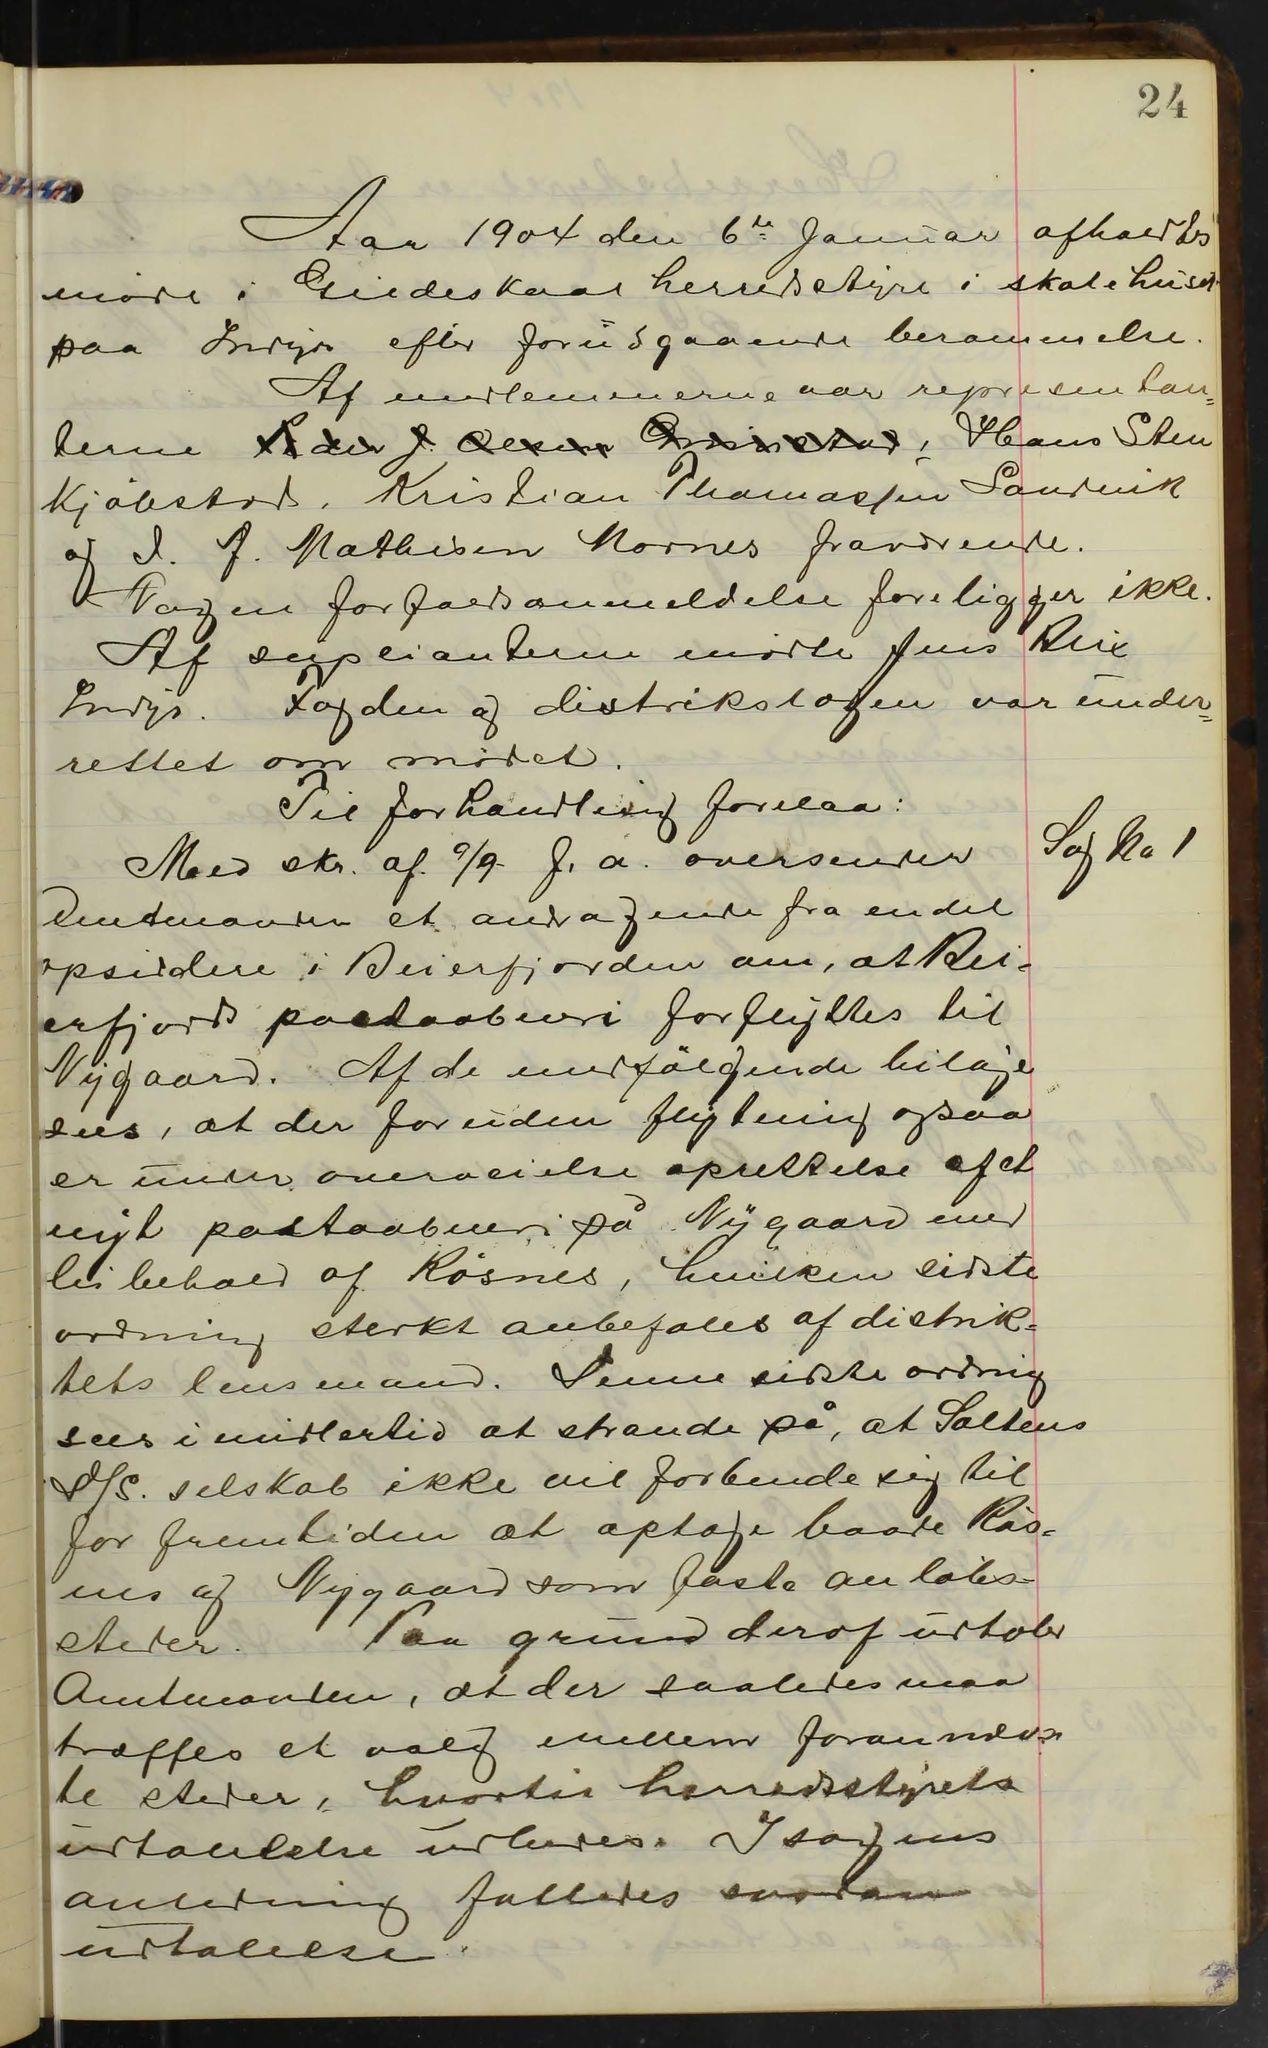 AIN, Gildeskål kommune. Formannskapet, 100/L0003: Møtebok formannskapet, 1904-1914, s. 24